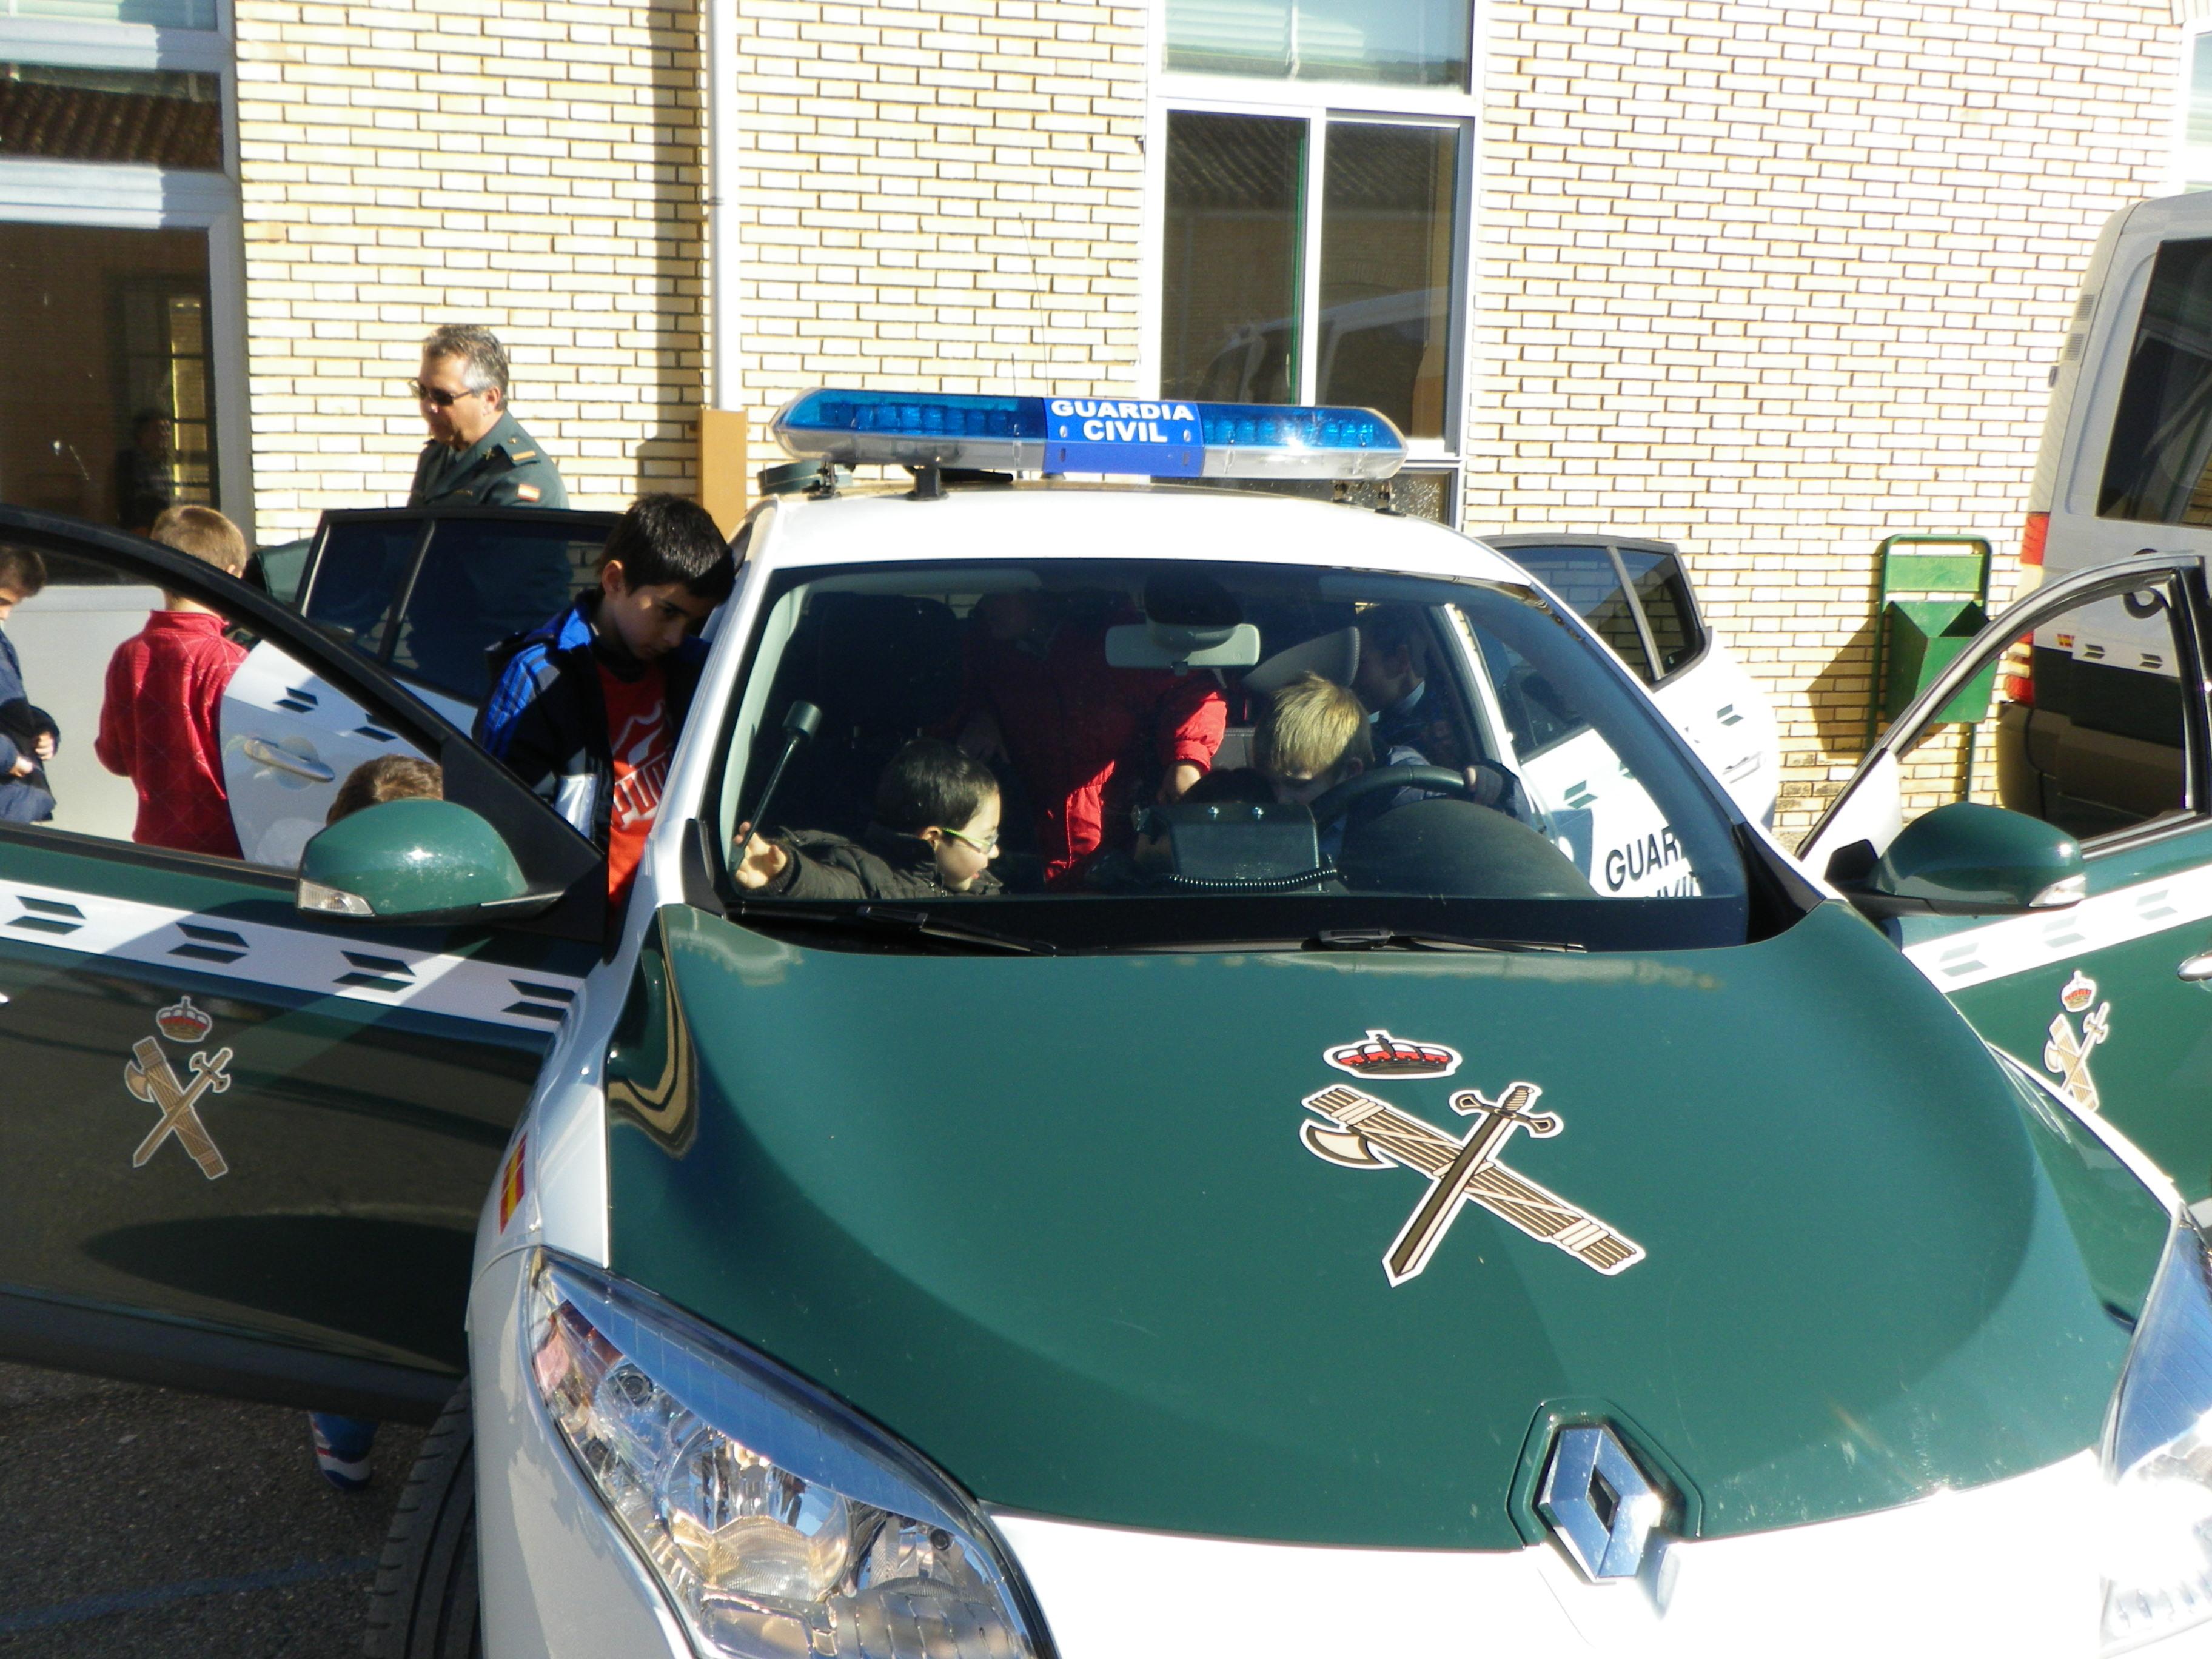 Efectivos de la Guardia Civil, Tráfico y Seprona visitaron el Colegio P. C. Reyes Católicos